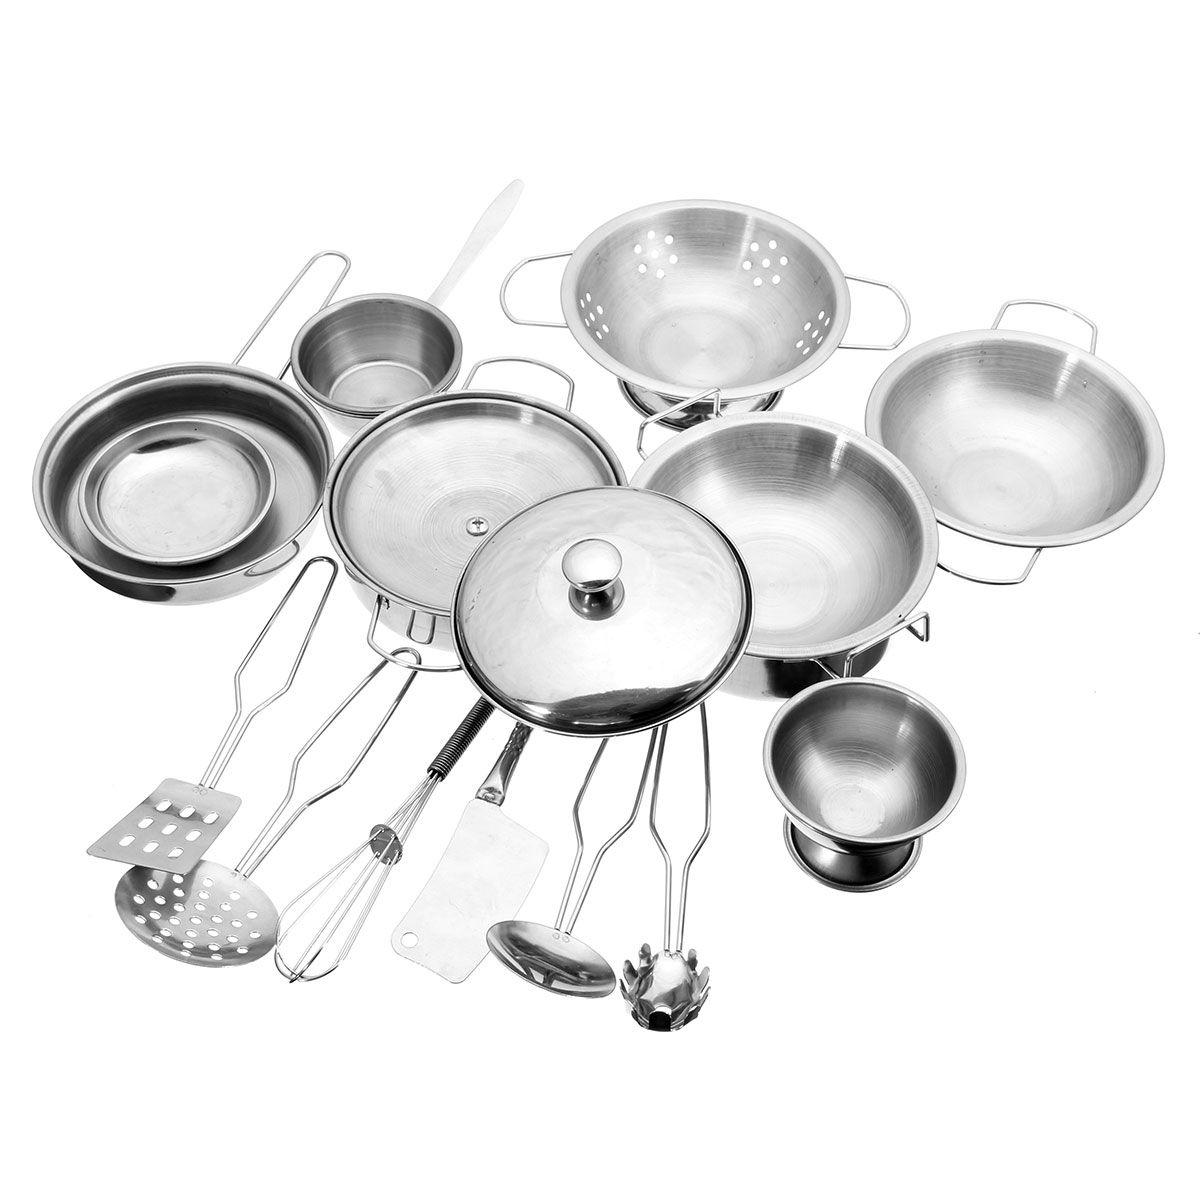 Utensilios de cocina cocina de acero inoxidable ollas sartenes de cocina en miniatura de regalo de alimentos cocinar herramientas de simulación play house toys